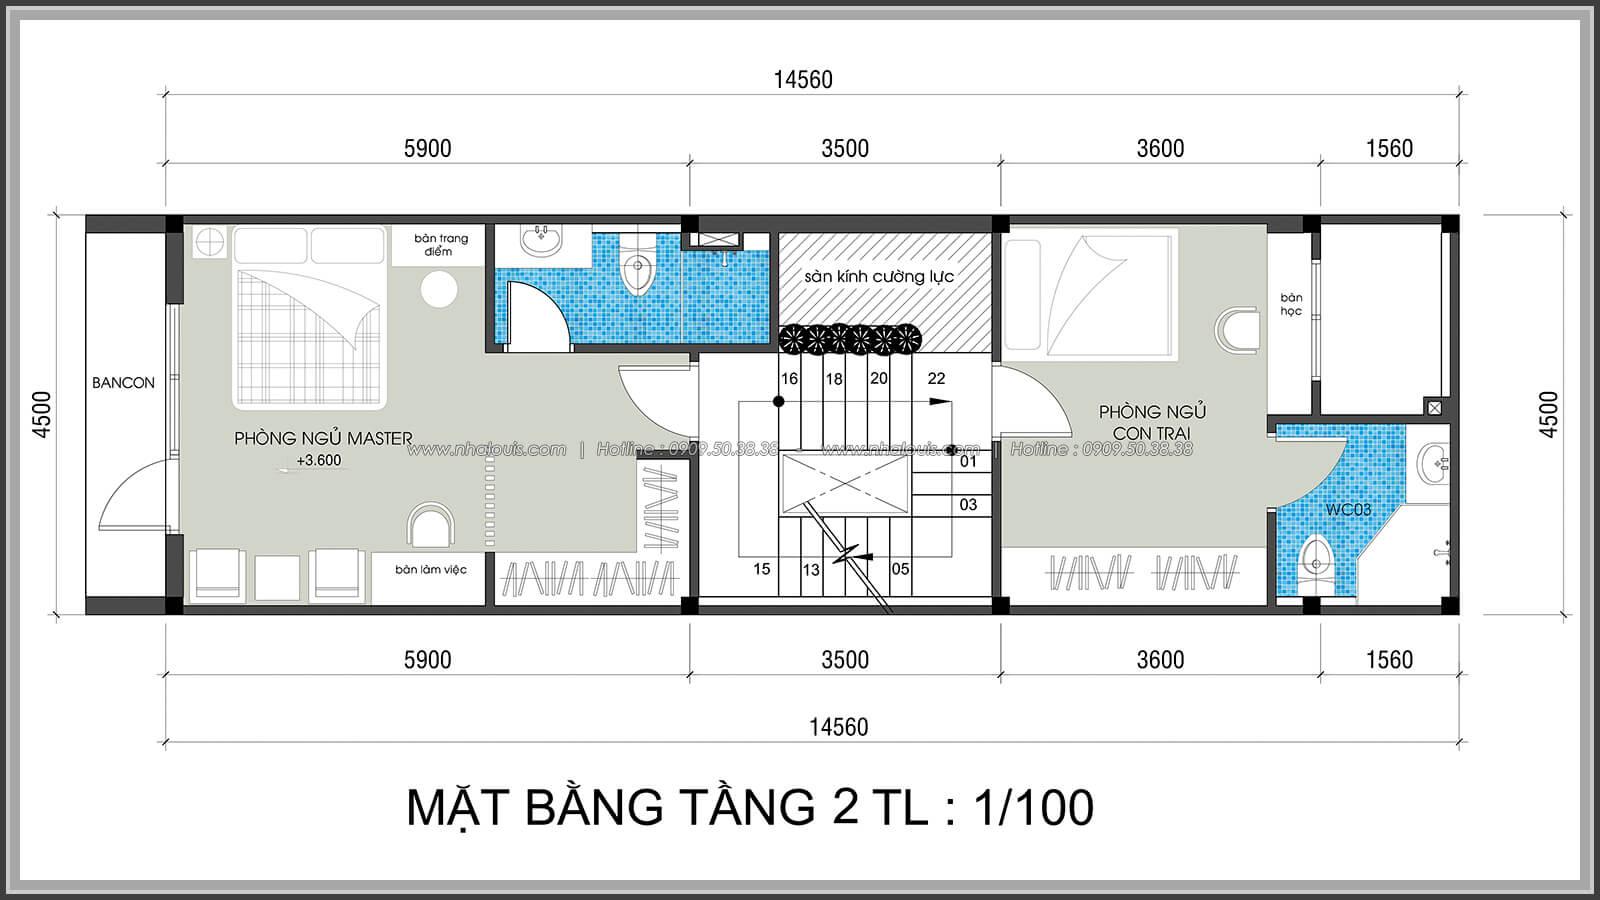 Mặt bằng tầng 2 Thiết kế nhà lệch tầng đẹp 4.5x14.5m hiện đại tại quận Tân Bình - 11